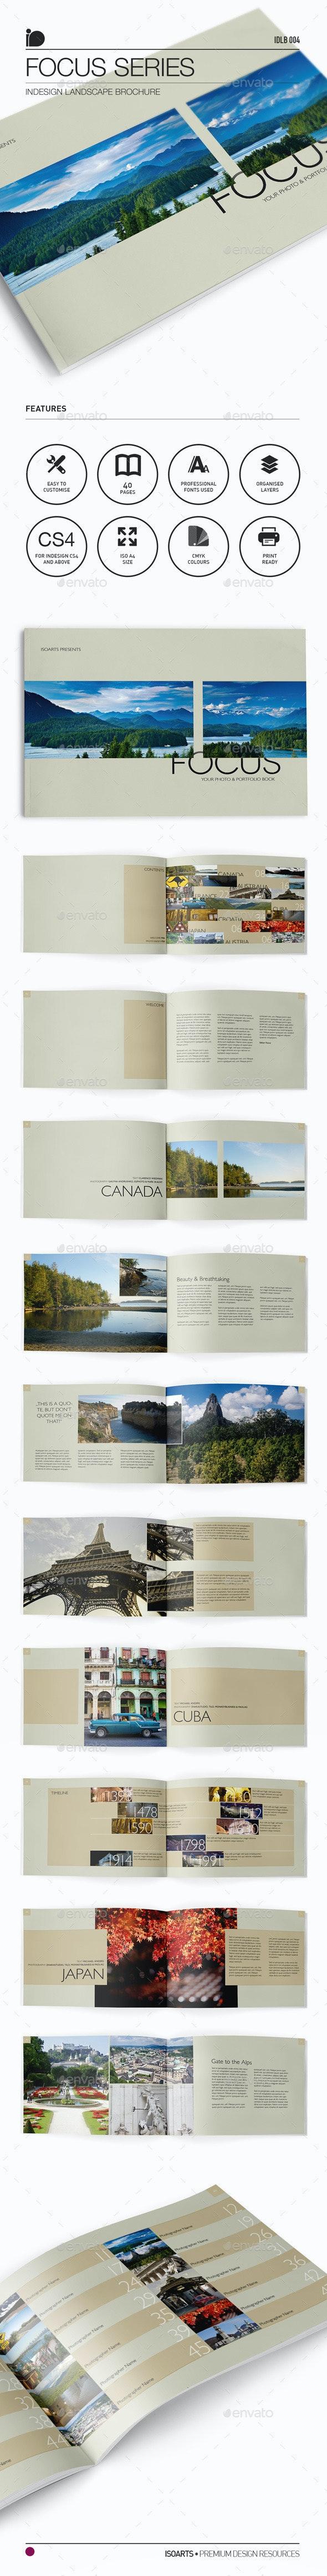 Landscape Brochure • Focus Series - Photo Albums Print Templates